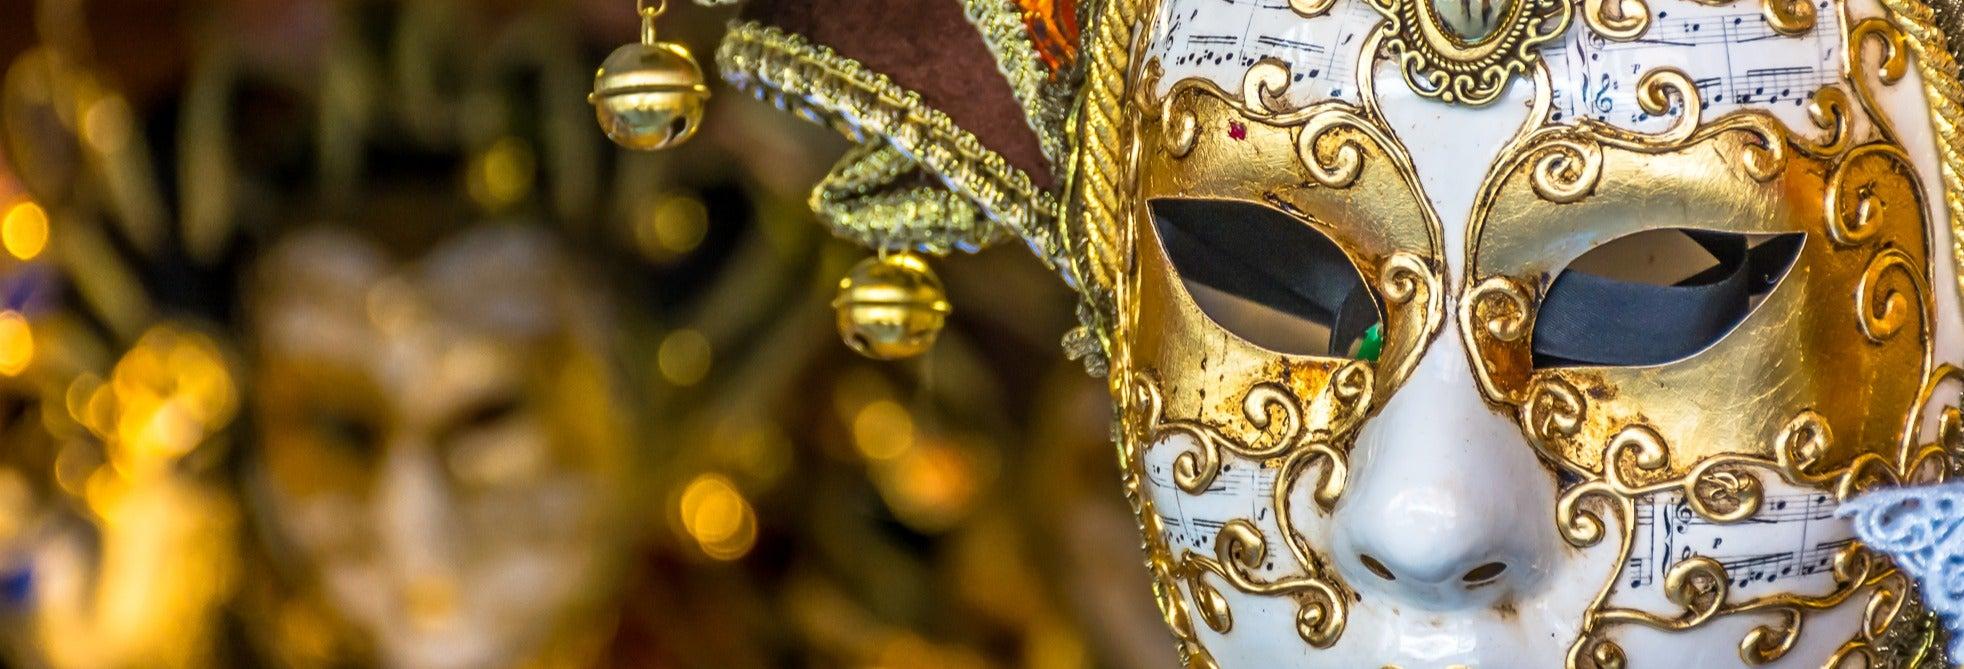 Tour das origens do carnaval veneziano